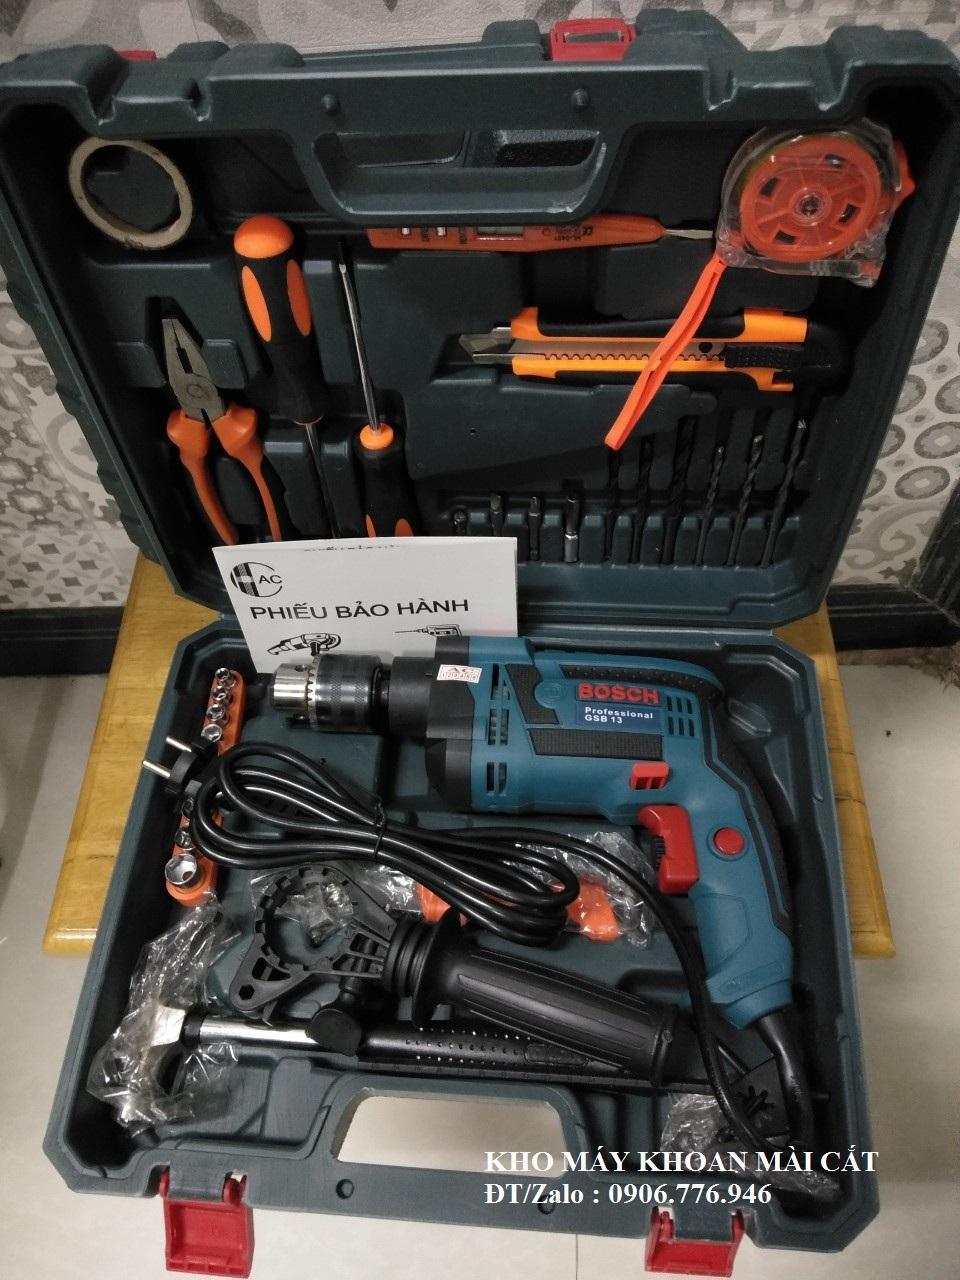 Vali máy khoan tường Bosch 13RE kèm 30 món đồ nghề sửa chữa đa năng kềm búa tuốc nơ vít